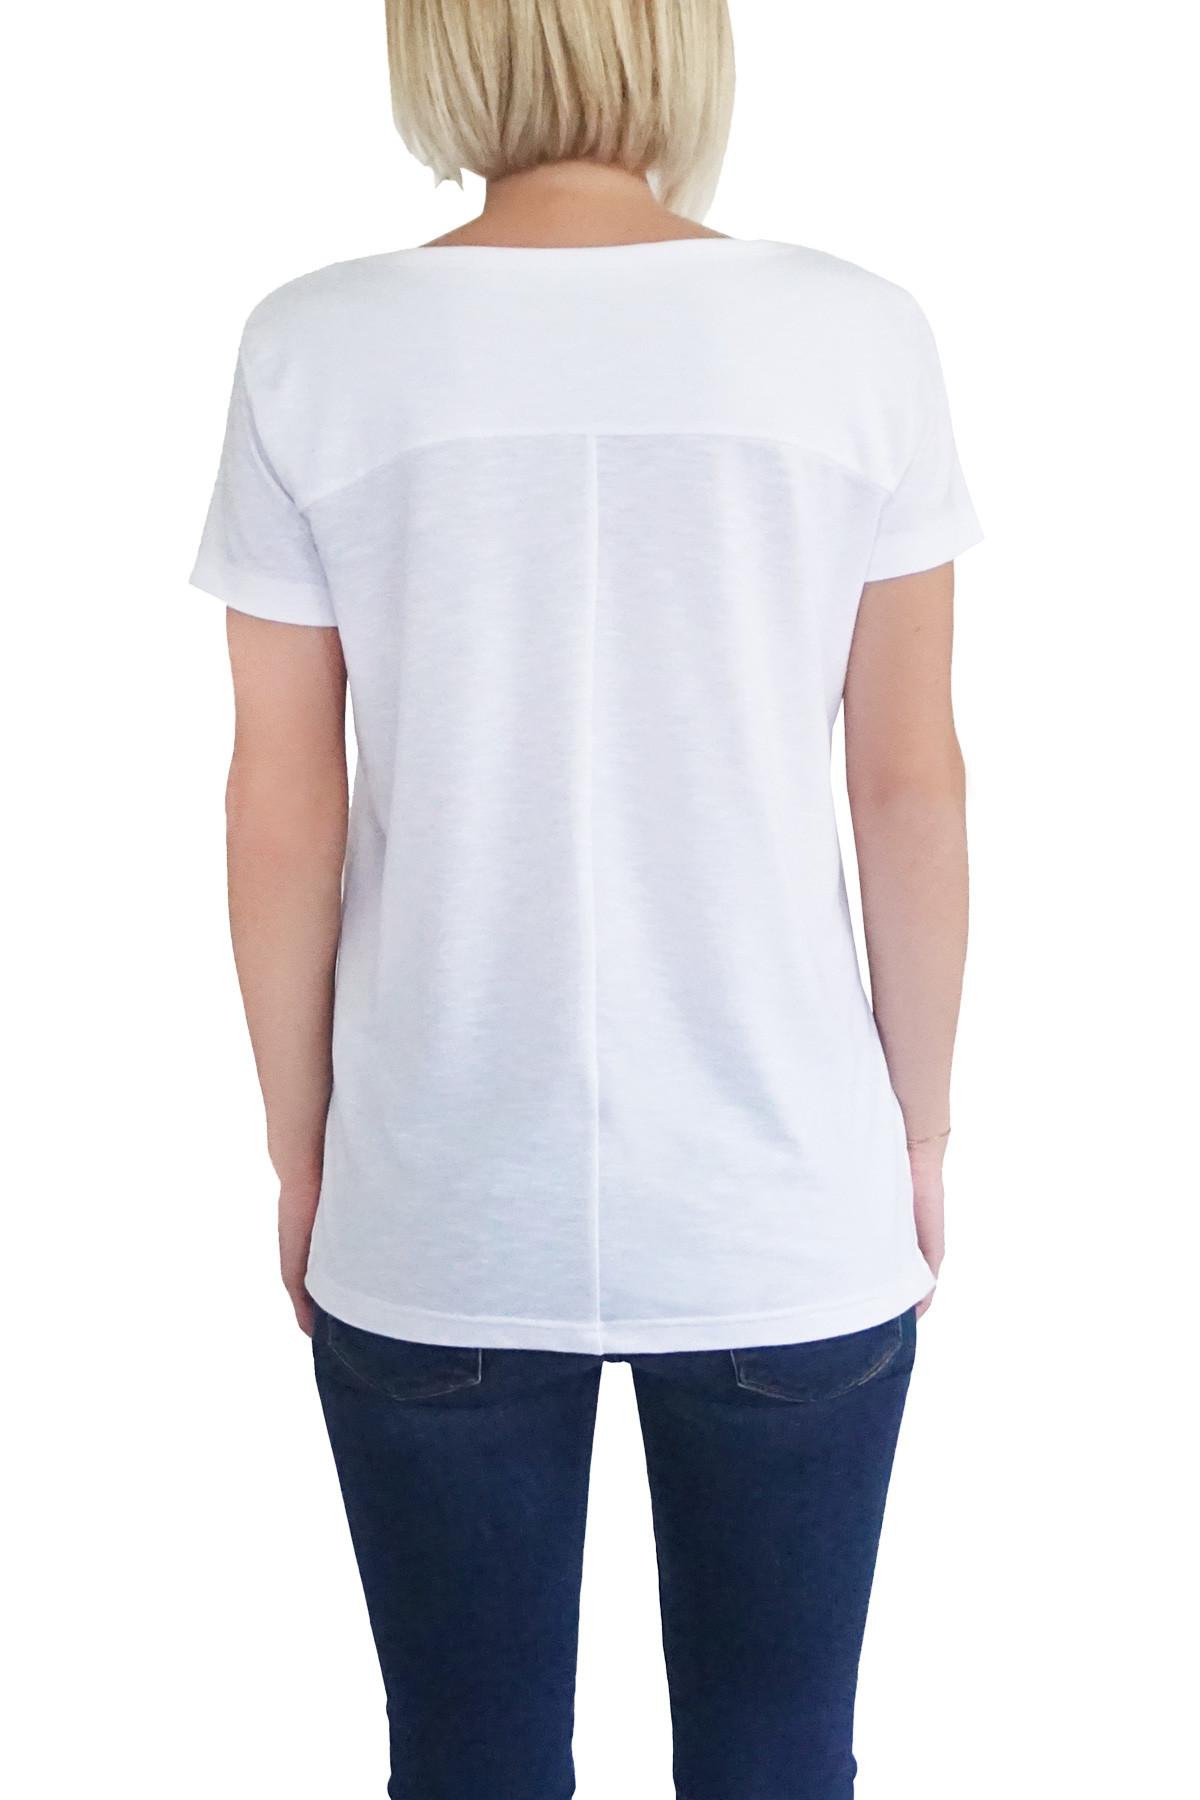 MOF Kadın Beyaz T-Shirt GSYT-B 2